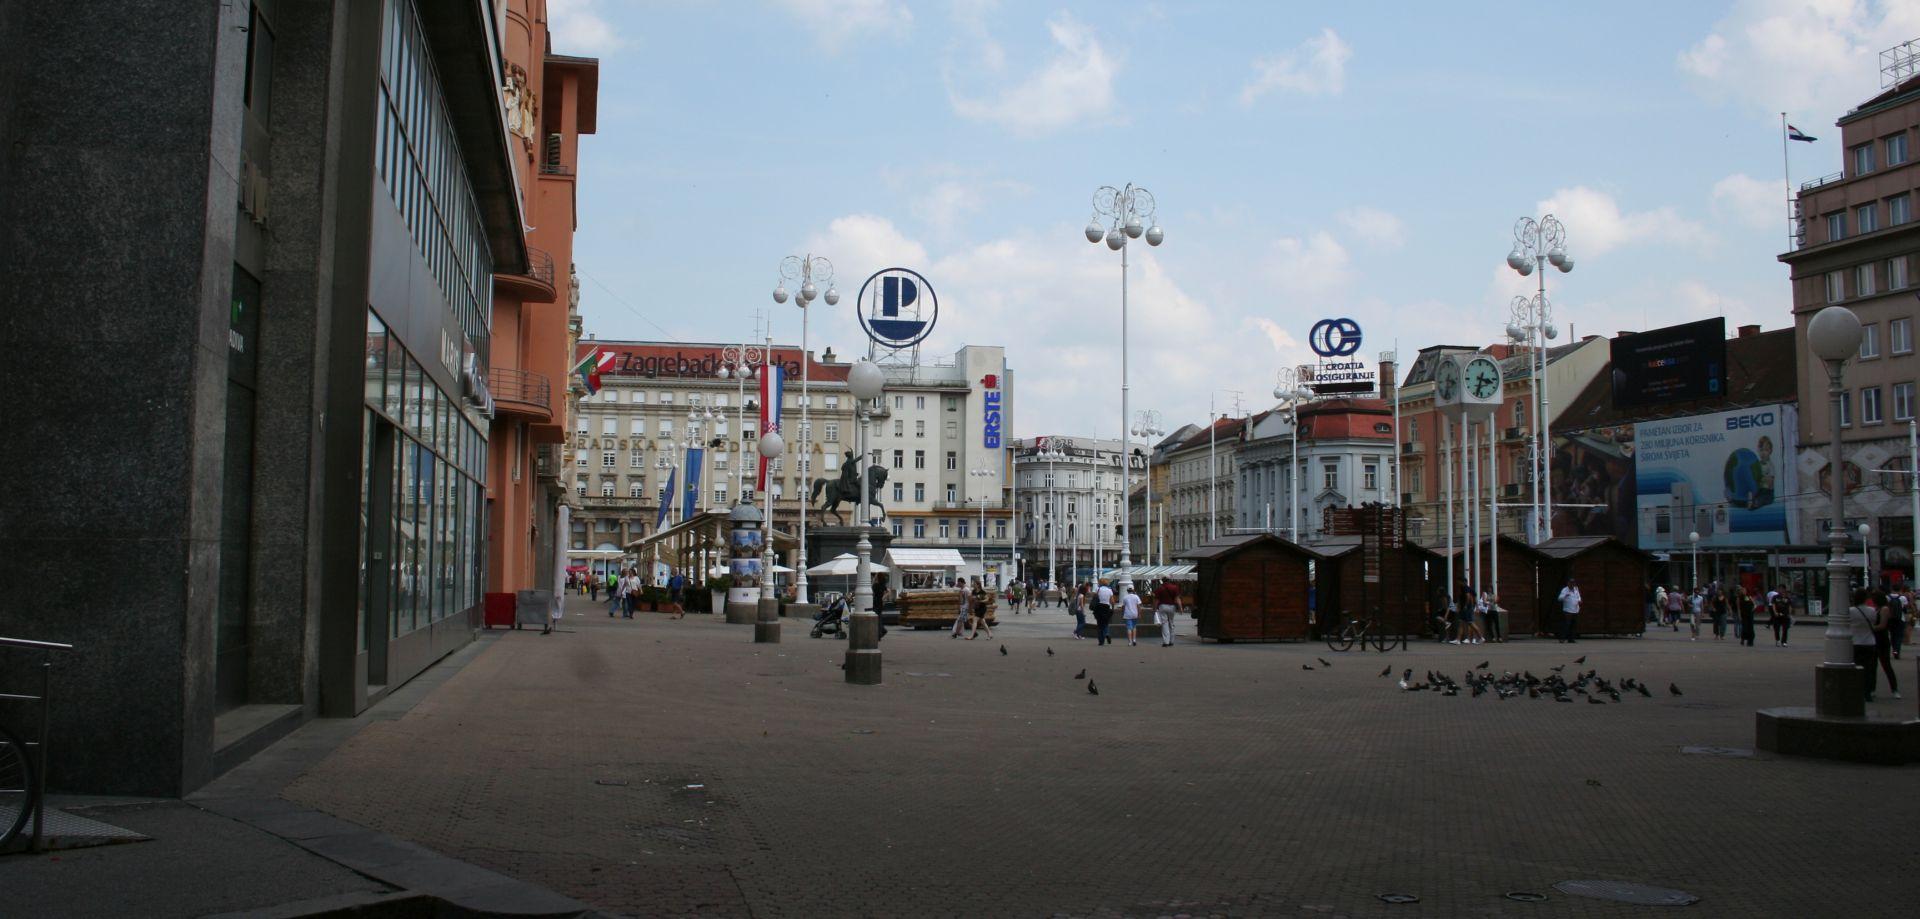 Sajam Retro tržnica na središnjem zagrebačkom trgu